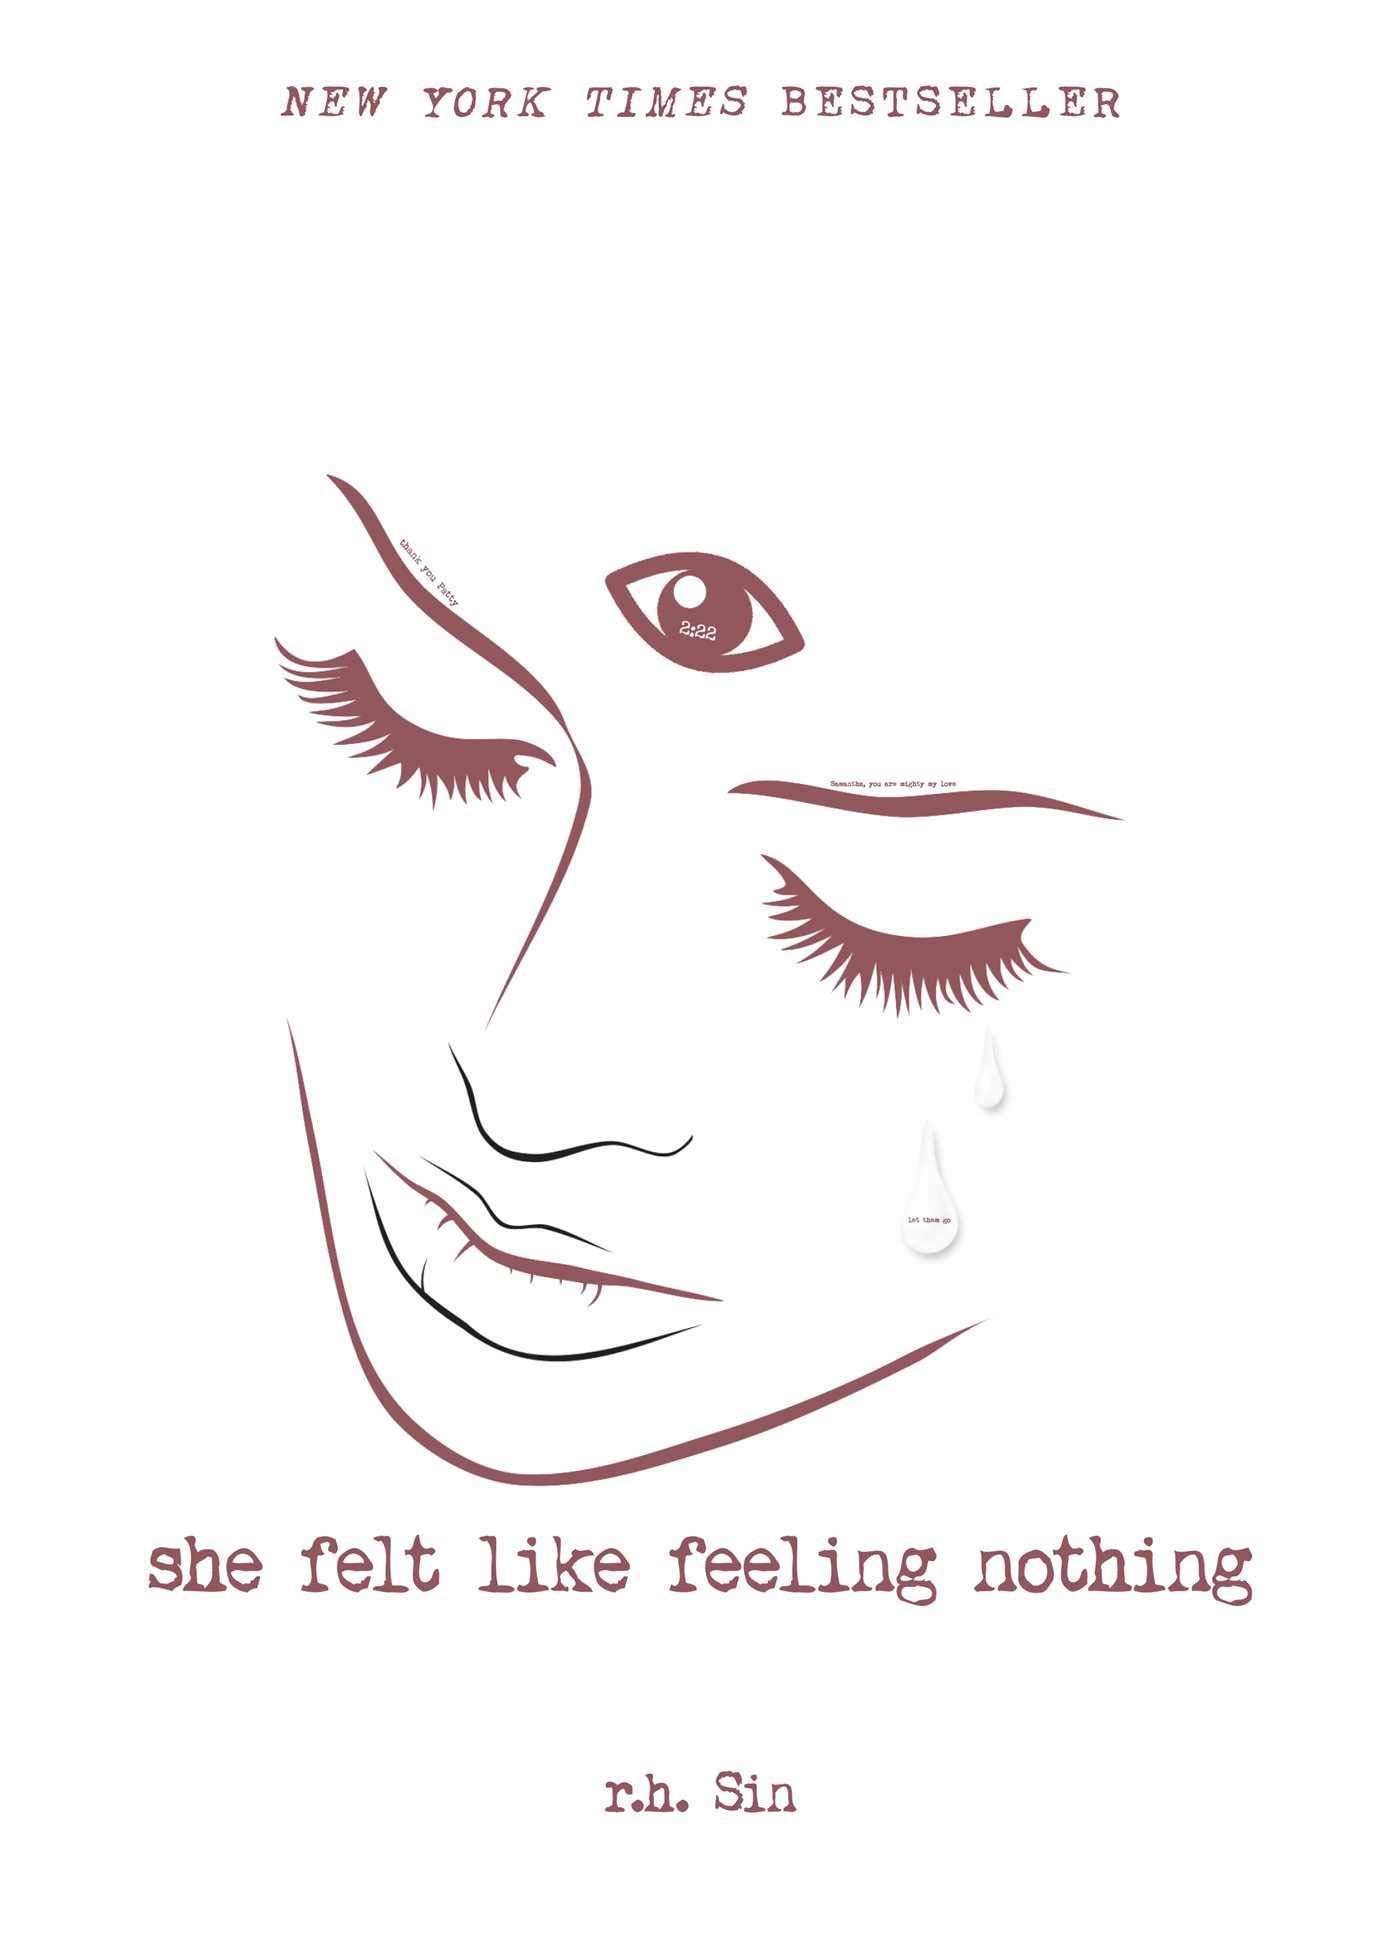 She felt like nothing